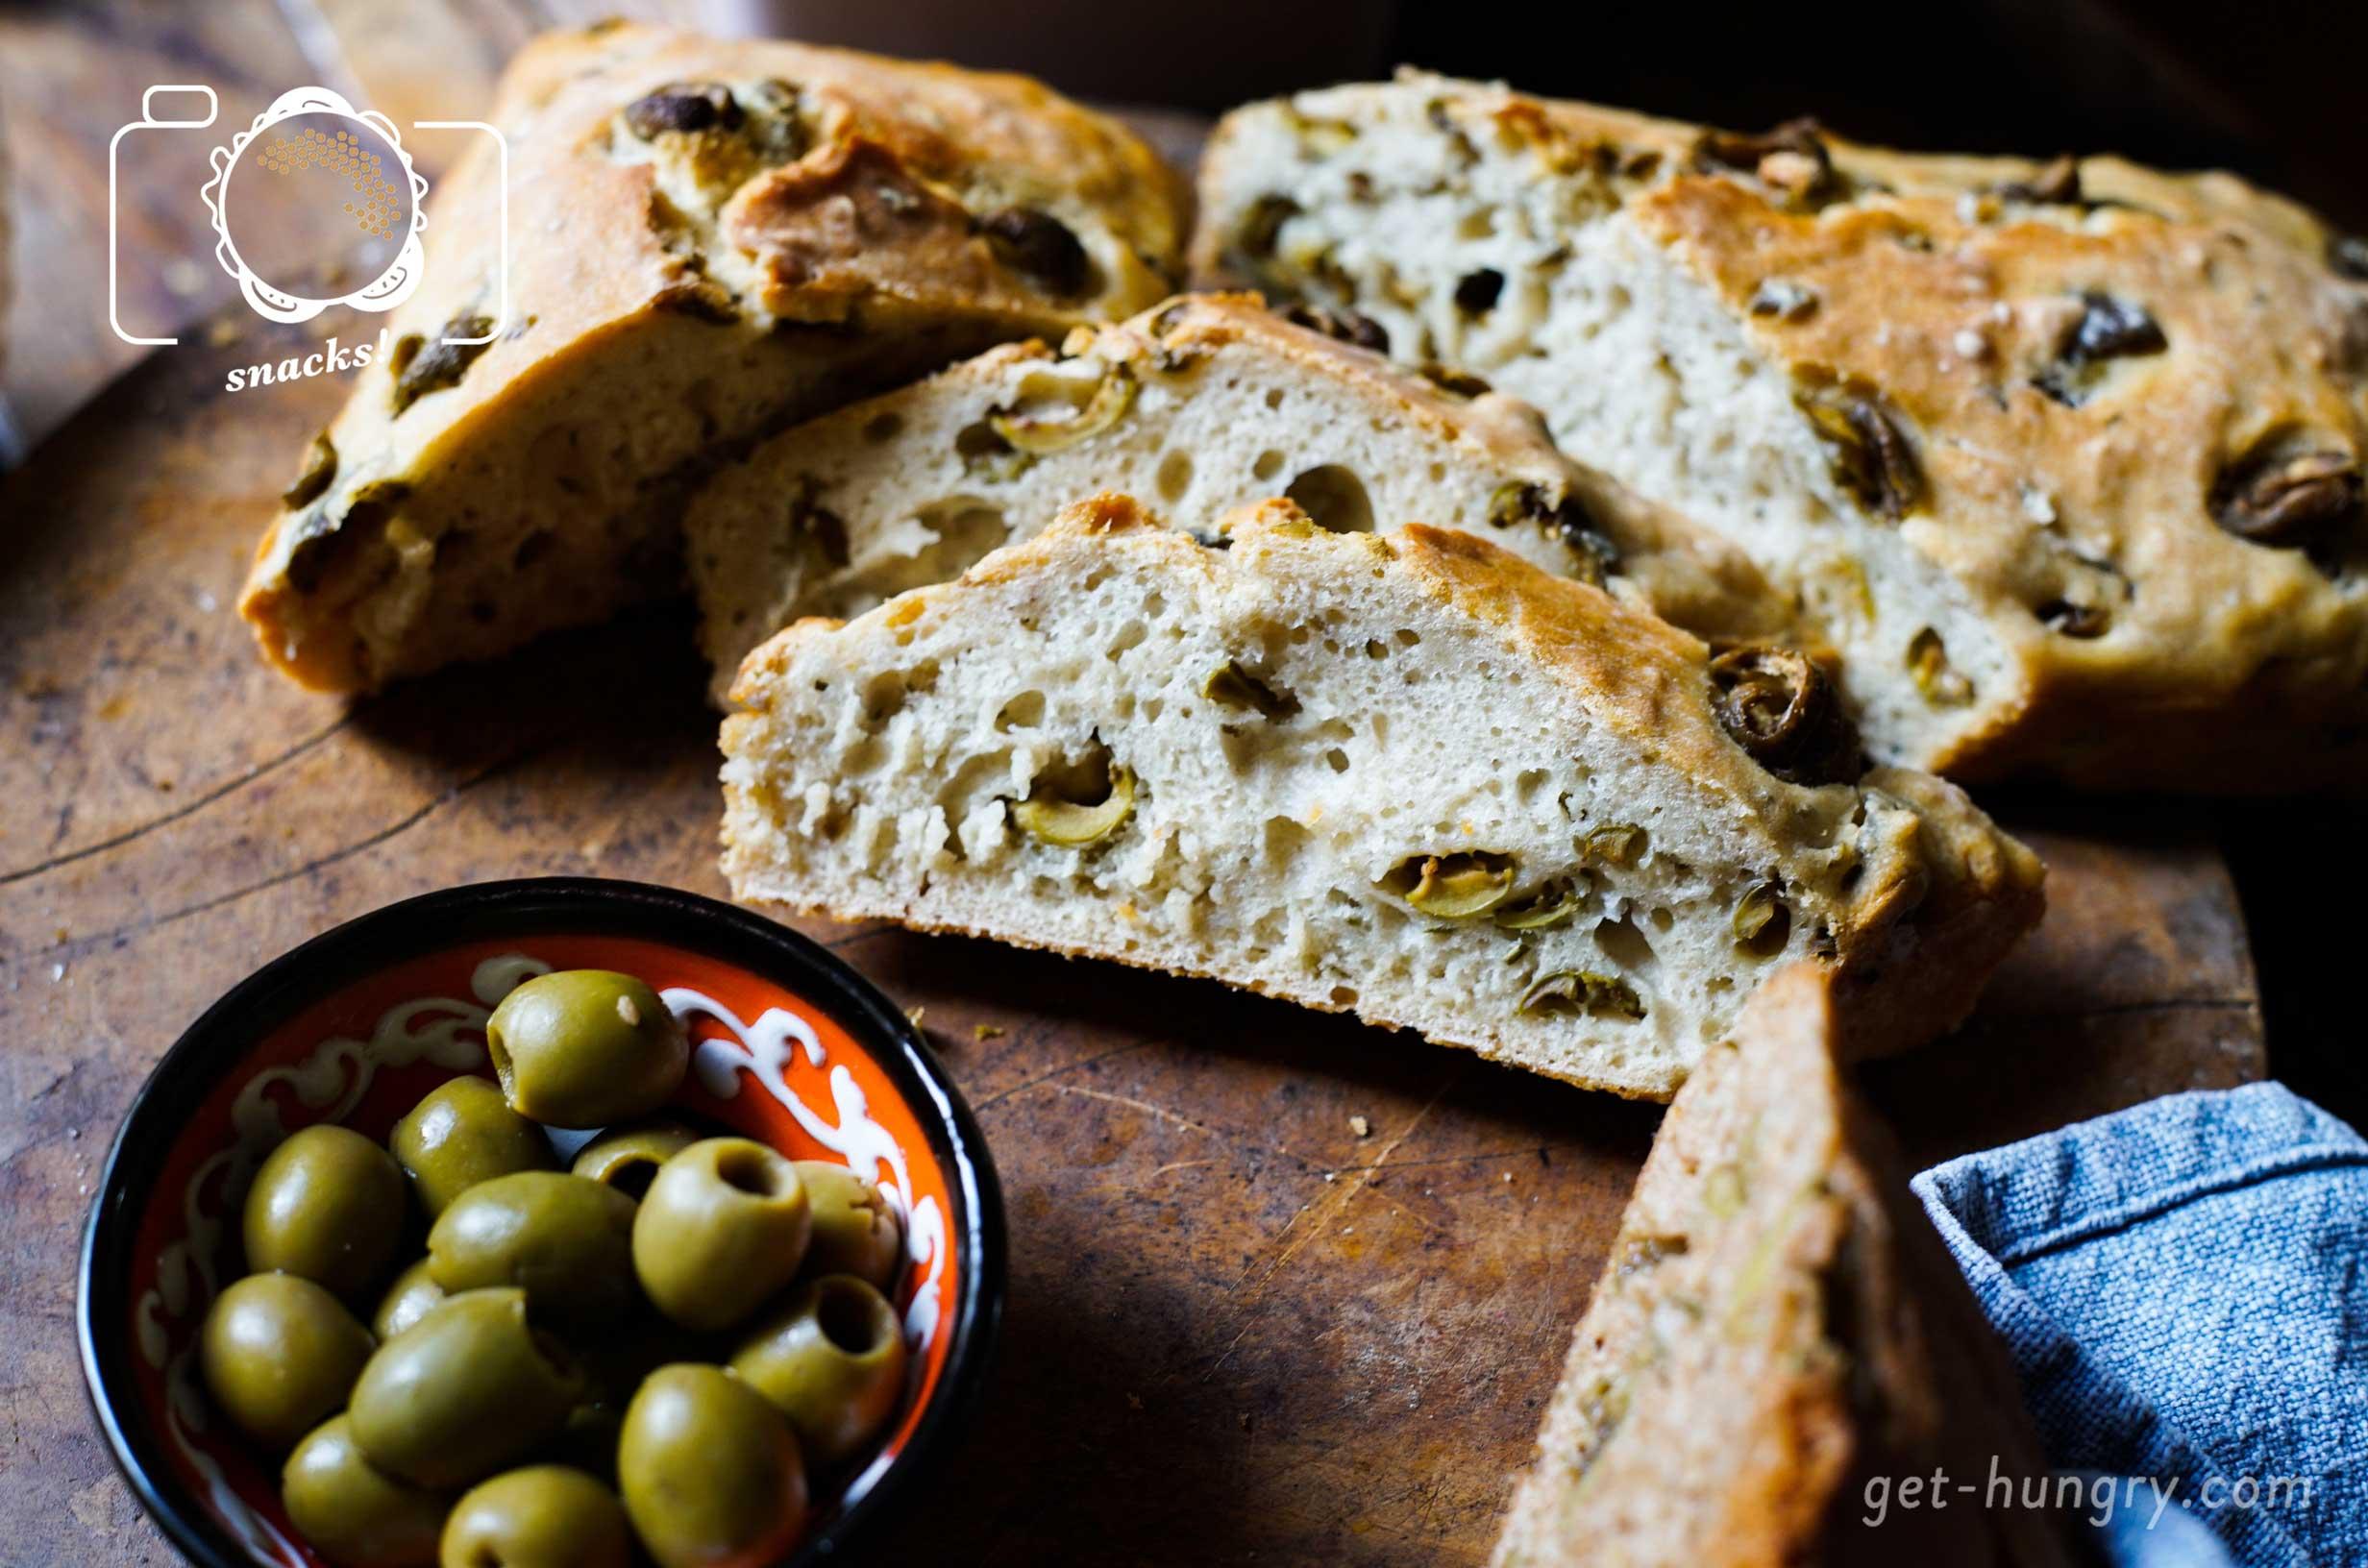 Saftiges Olivenbrot - Bekommst du in 1 Stunde gebackenWer glaubt, es wäre aufwendig Brot zu backen, der irrt. Dieses Fast-Food-Rezept ist ein toller Tipp, für alle die ihre Freunde beeindrucken wollen. 100% schnell gemacht, einfache Zutaten und ziemlich köstlich.